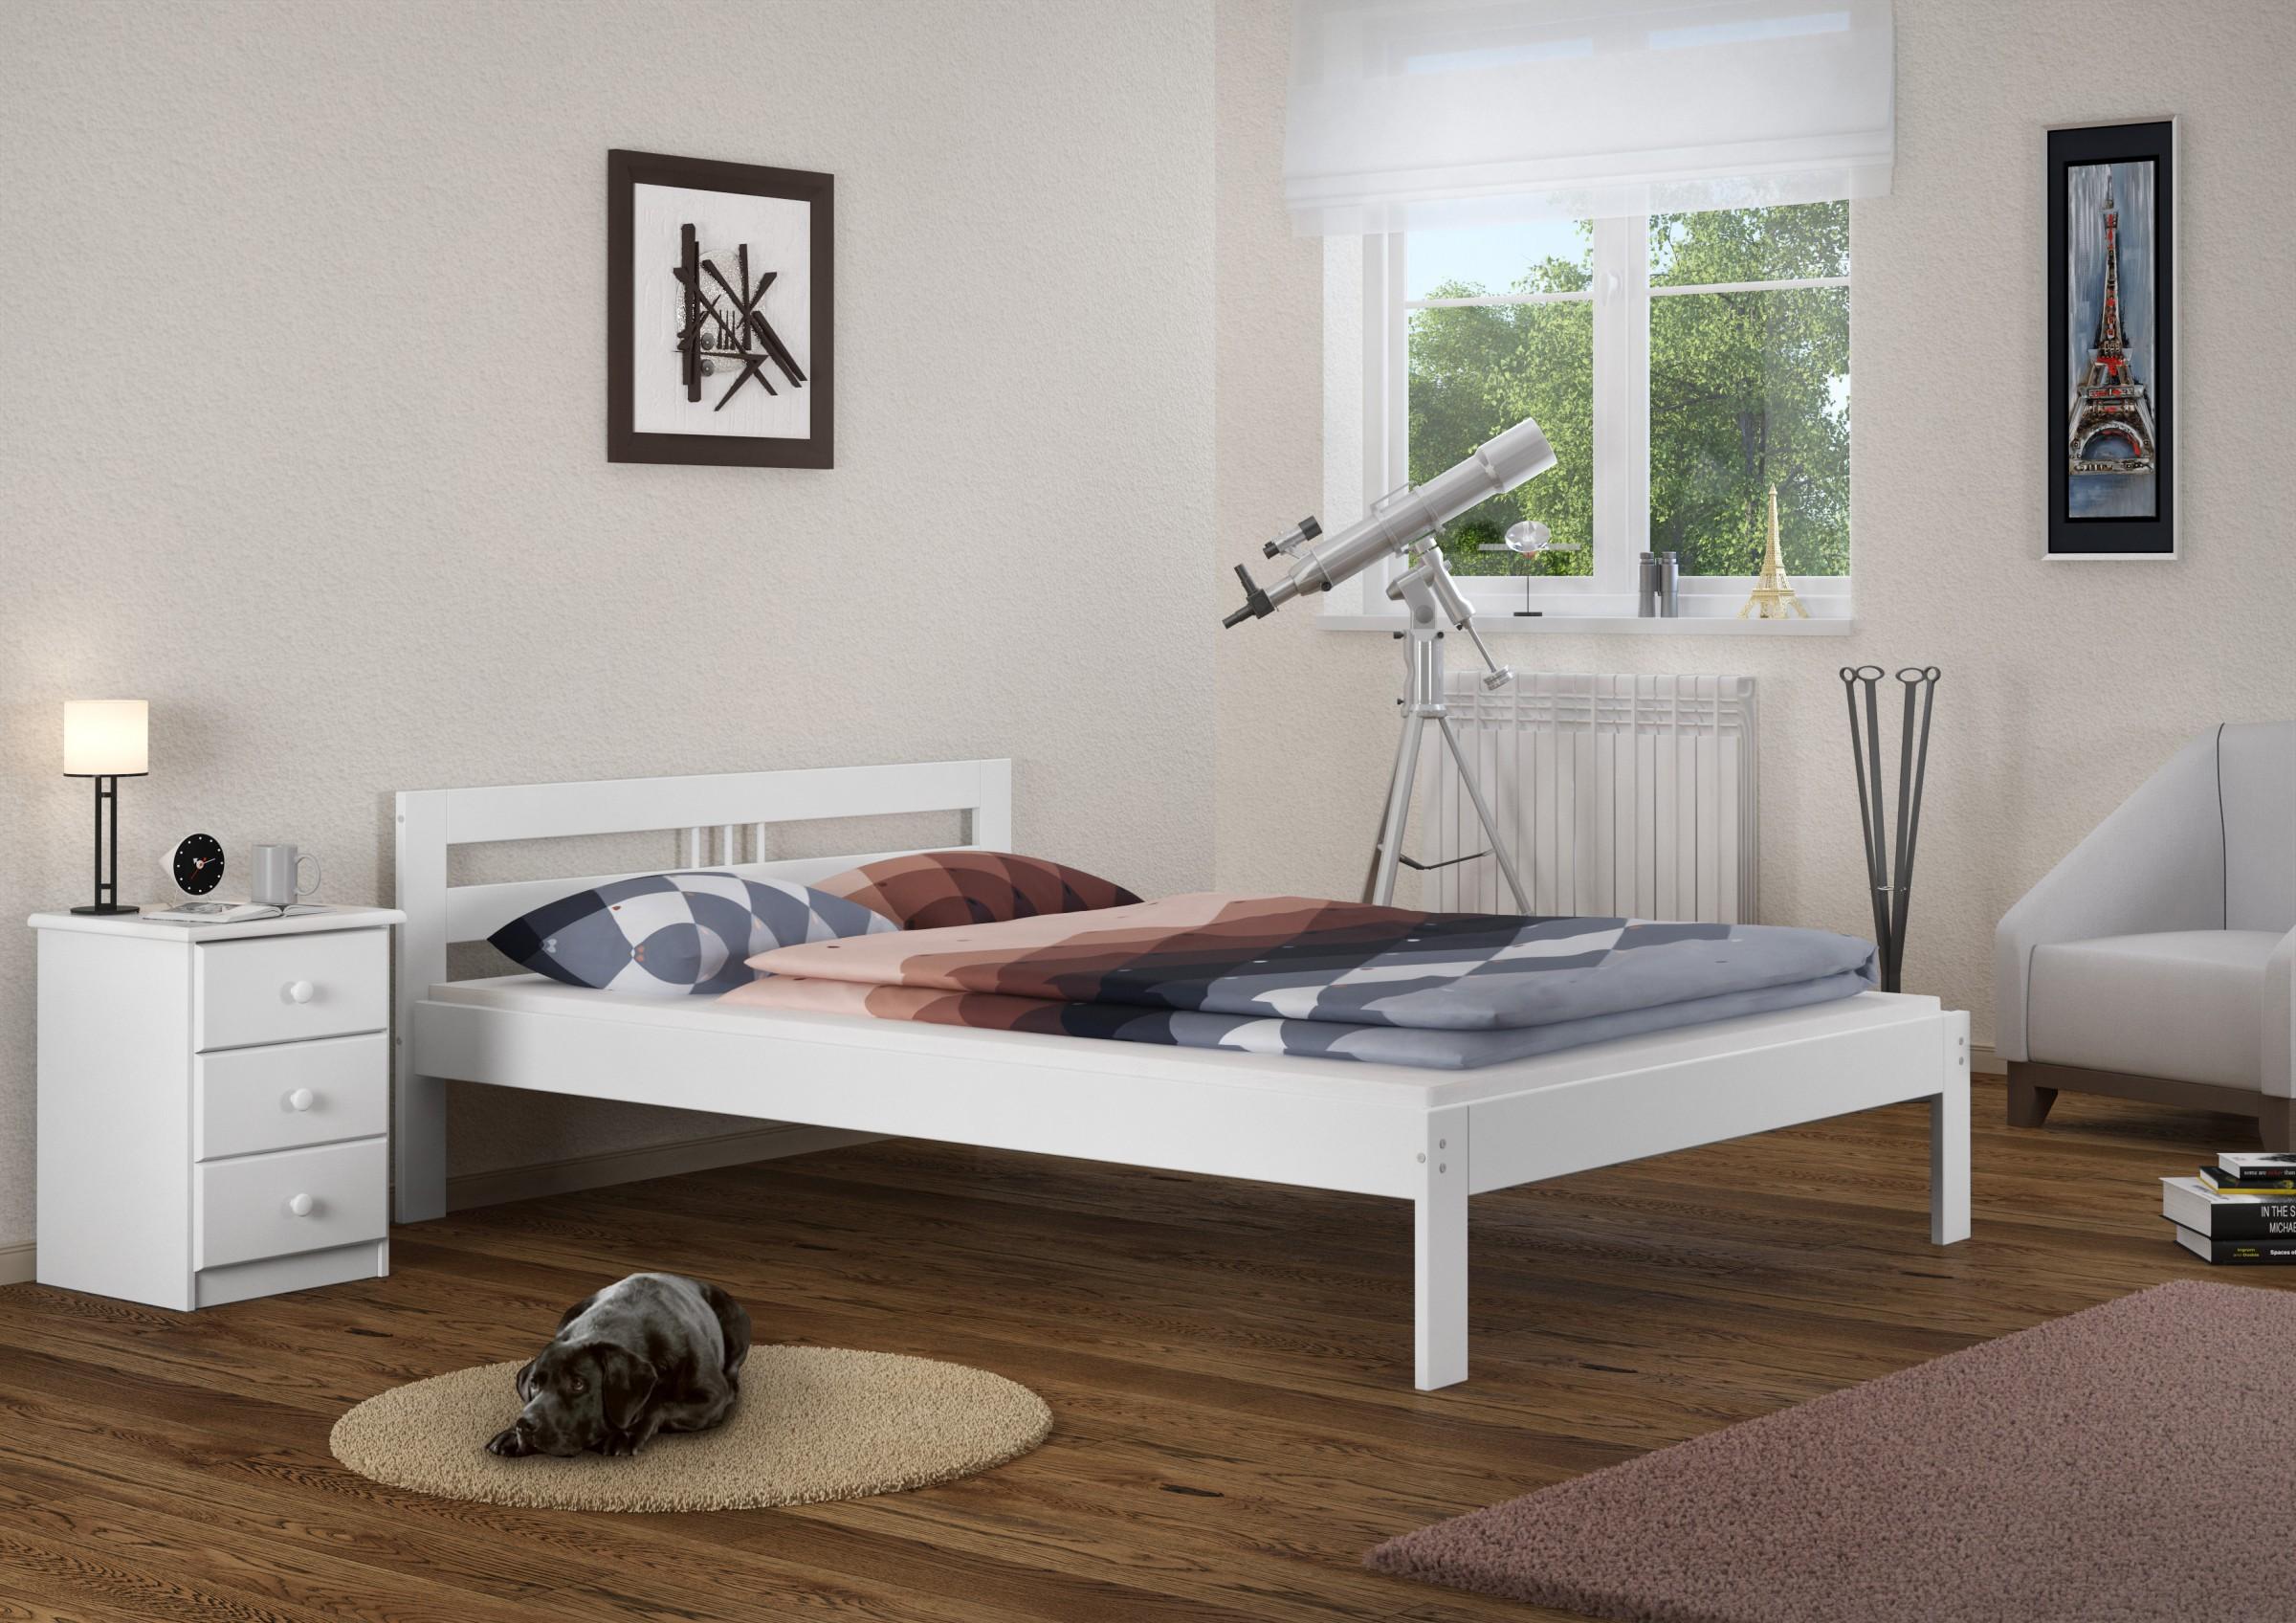 Letti Di Design In Legno : Letto legno massello bianco pino per ragazzo a futon con